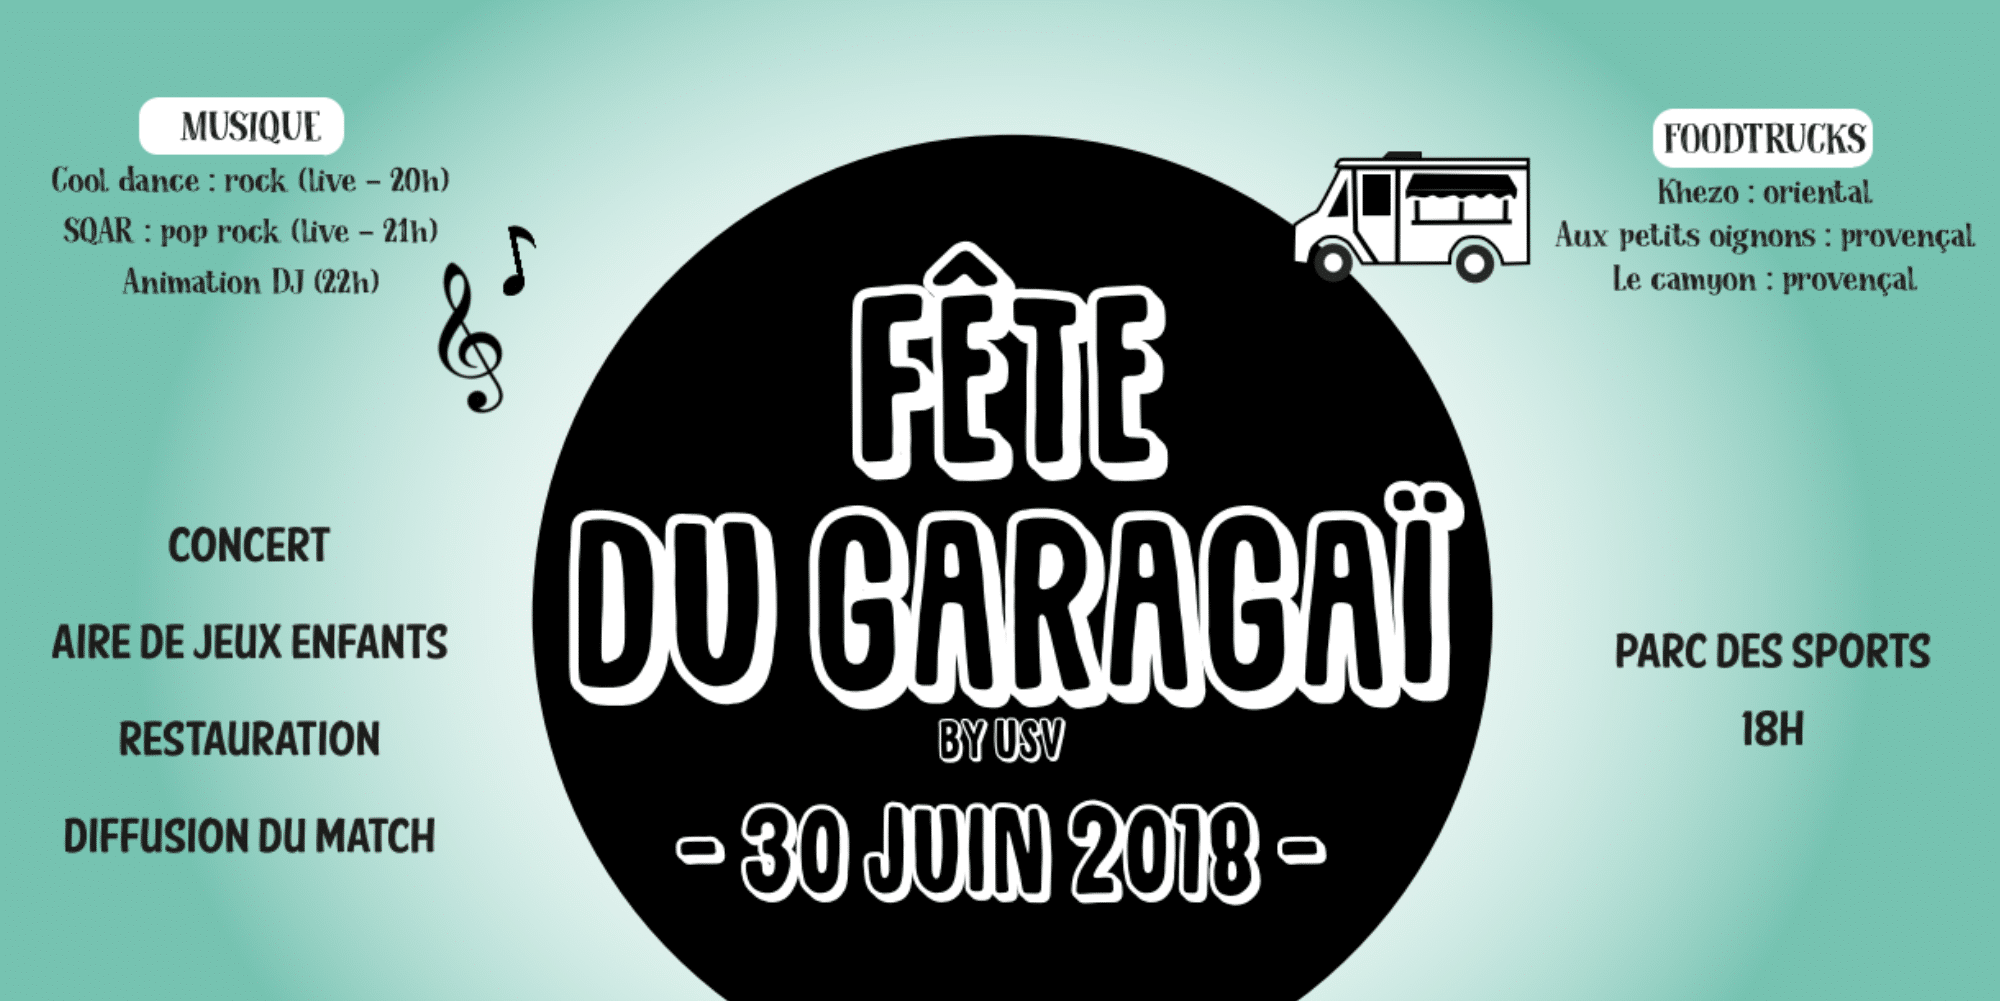 Fête du Garagaï